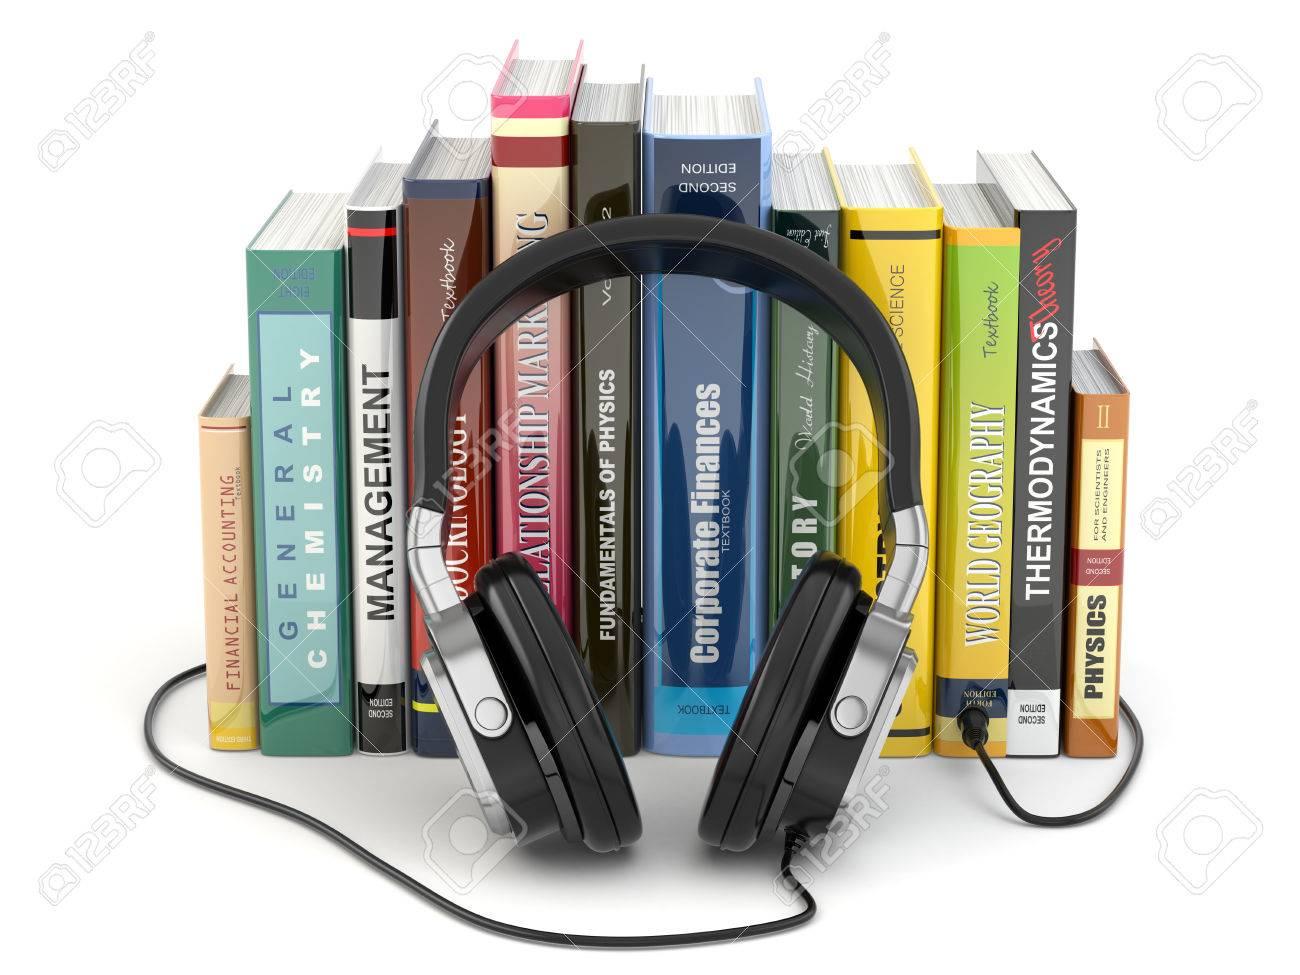 Concept De Livre Audio Ecouteurs Et Des Livres Sur Fond Blanc Isole